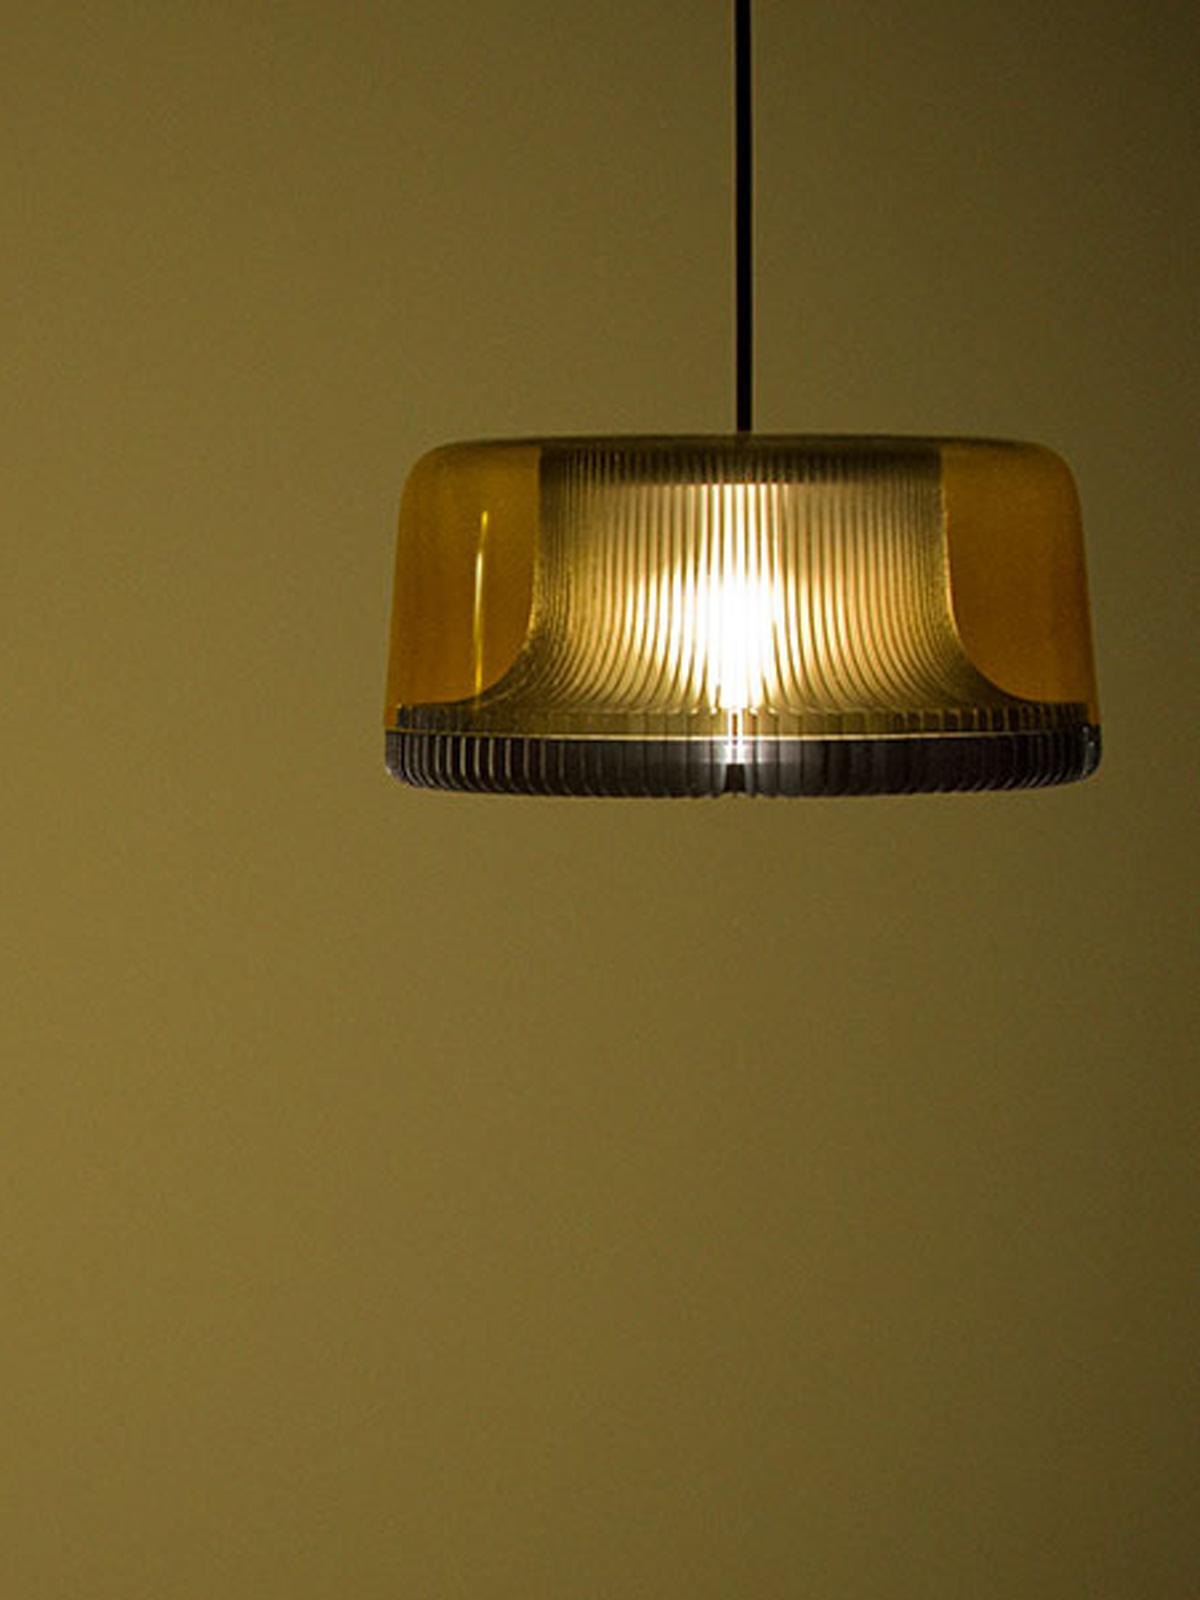 Dub Lampen von Michael Young eoq